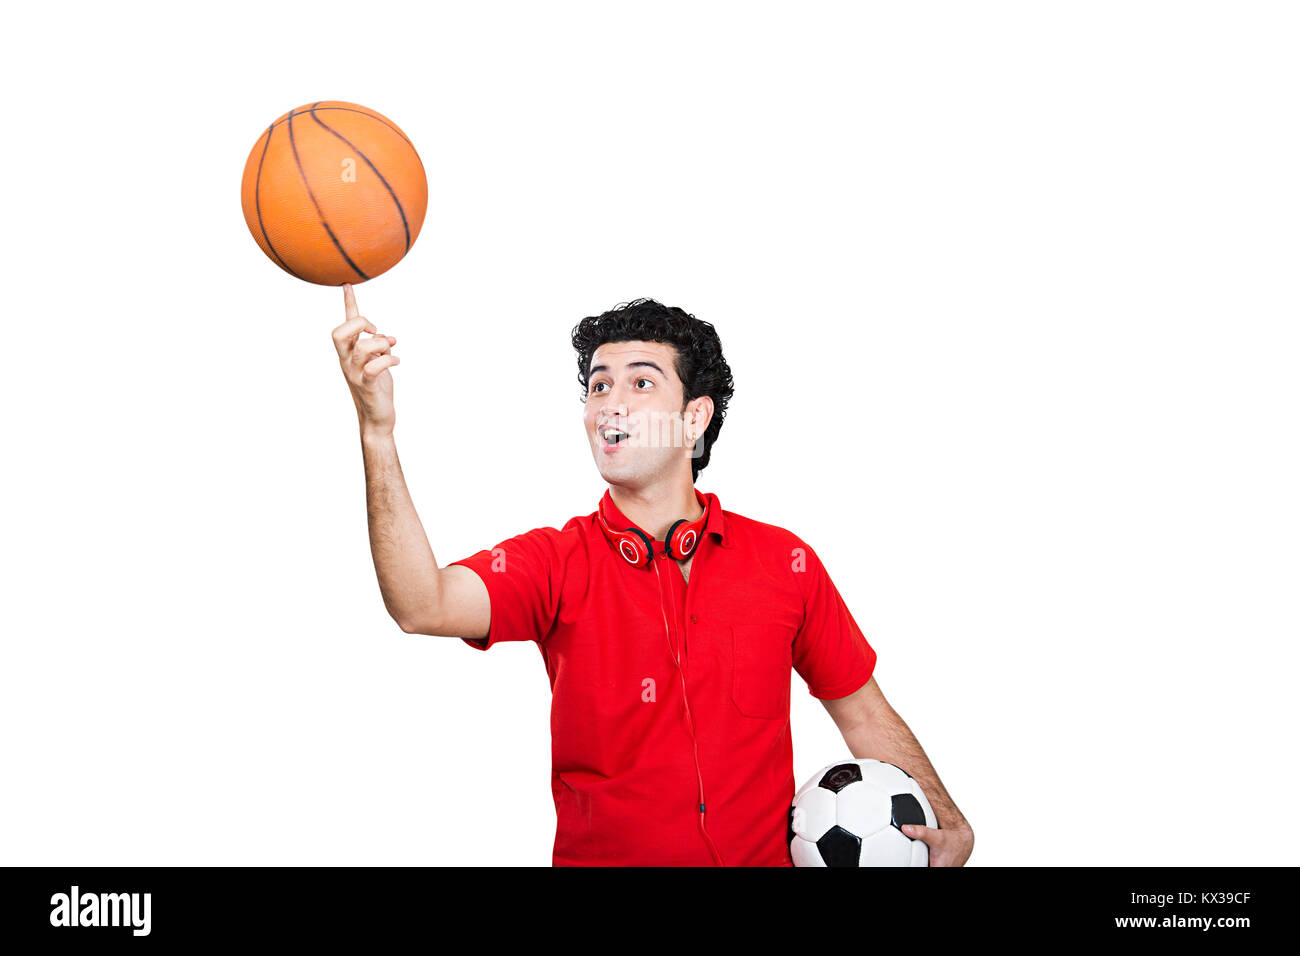 Indische Teenager Boy versucht, Balance ein Basketball an seinem Finger Stockfoto